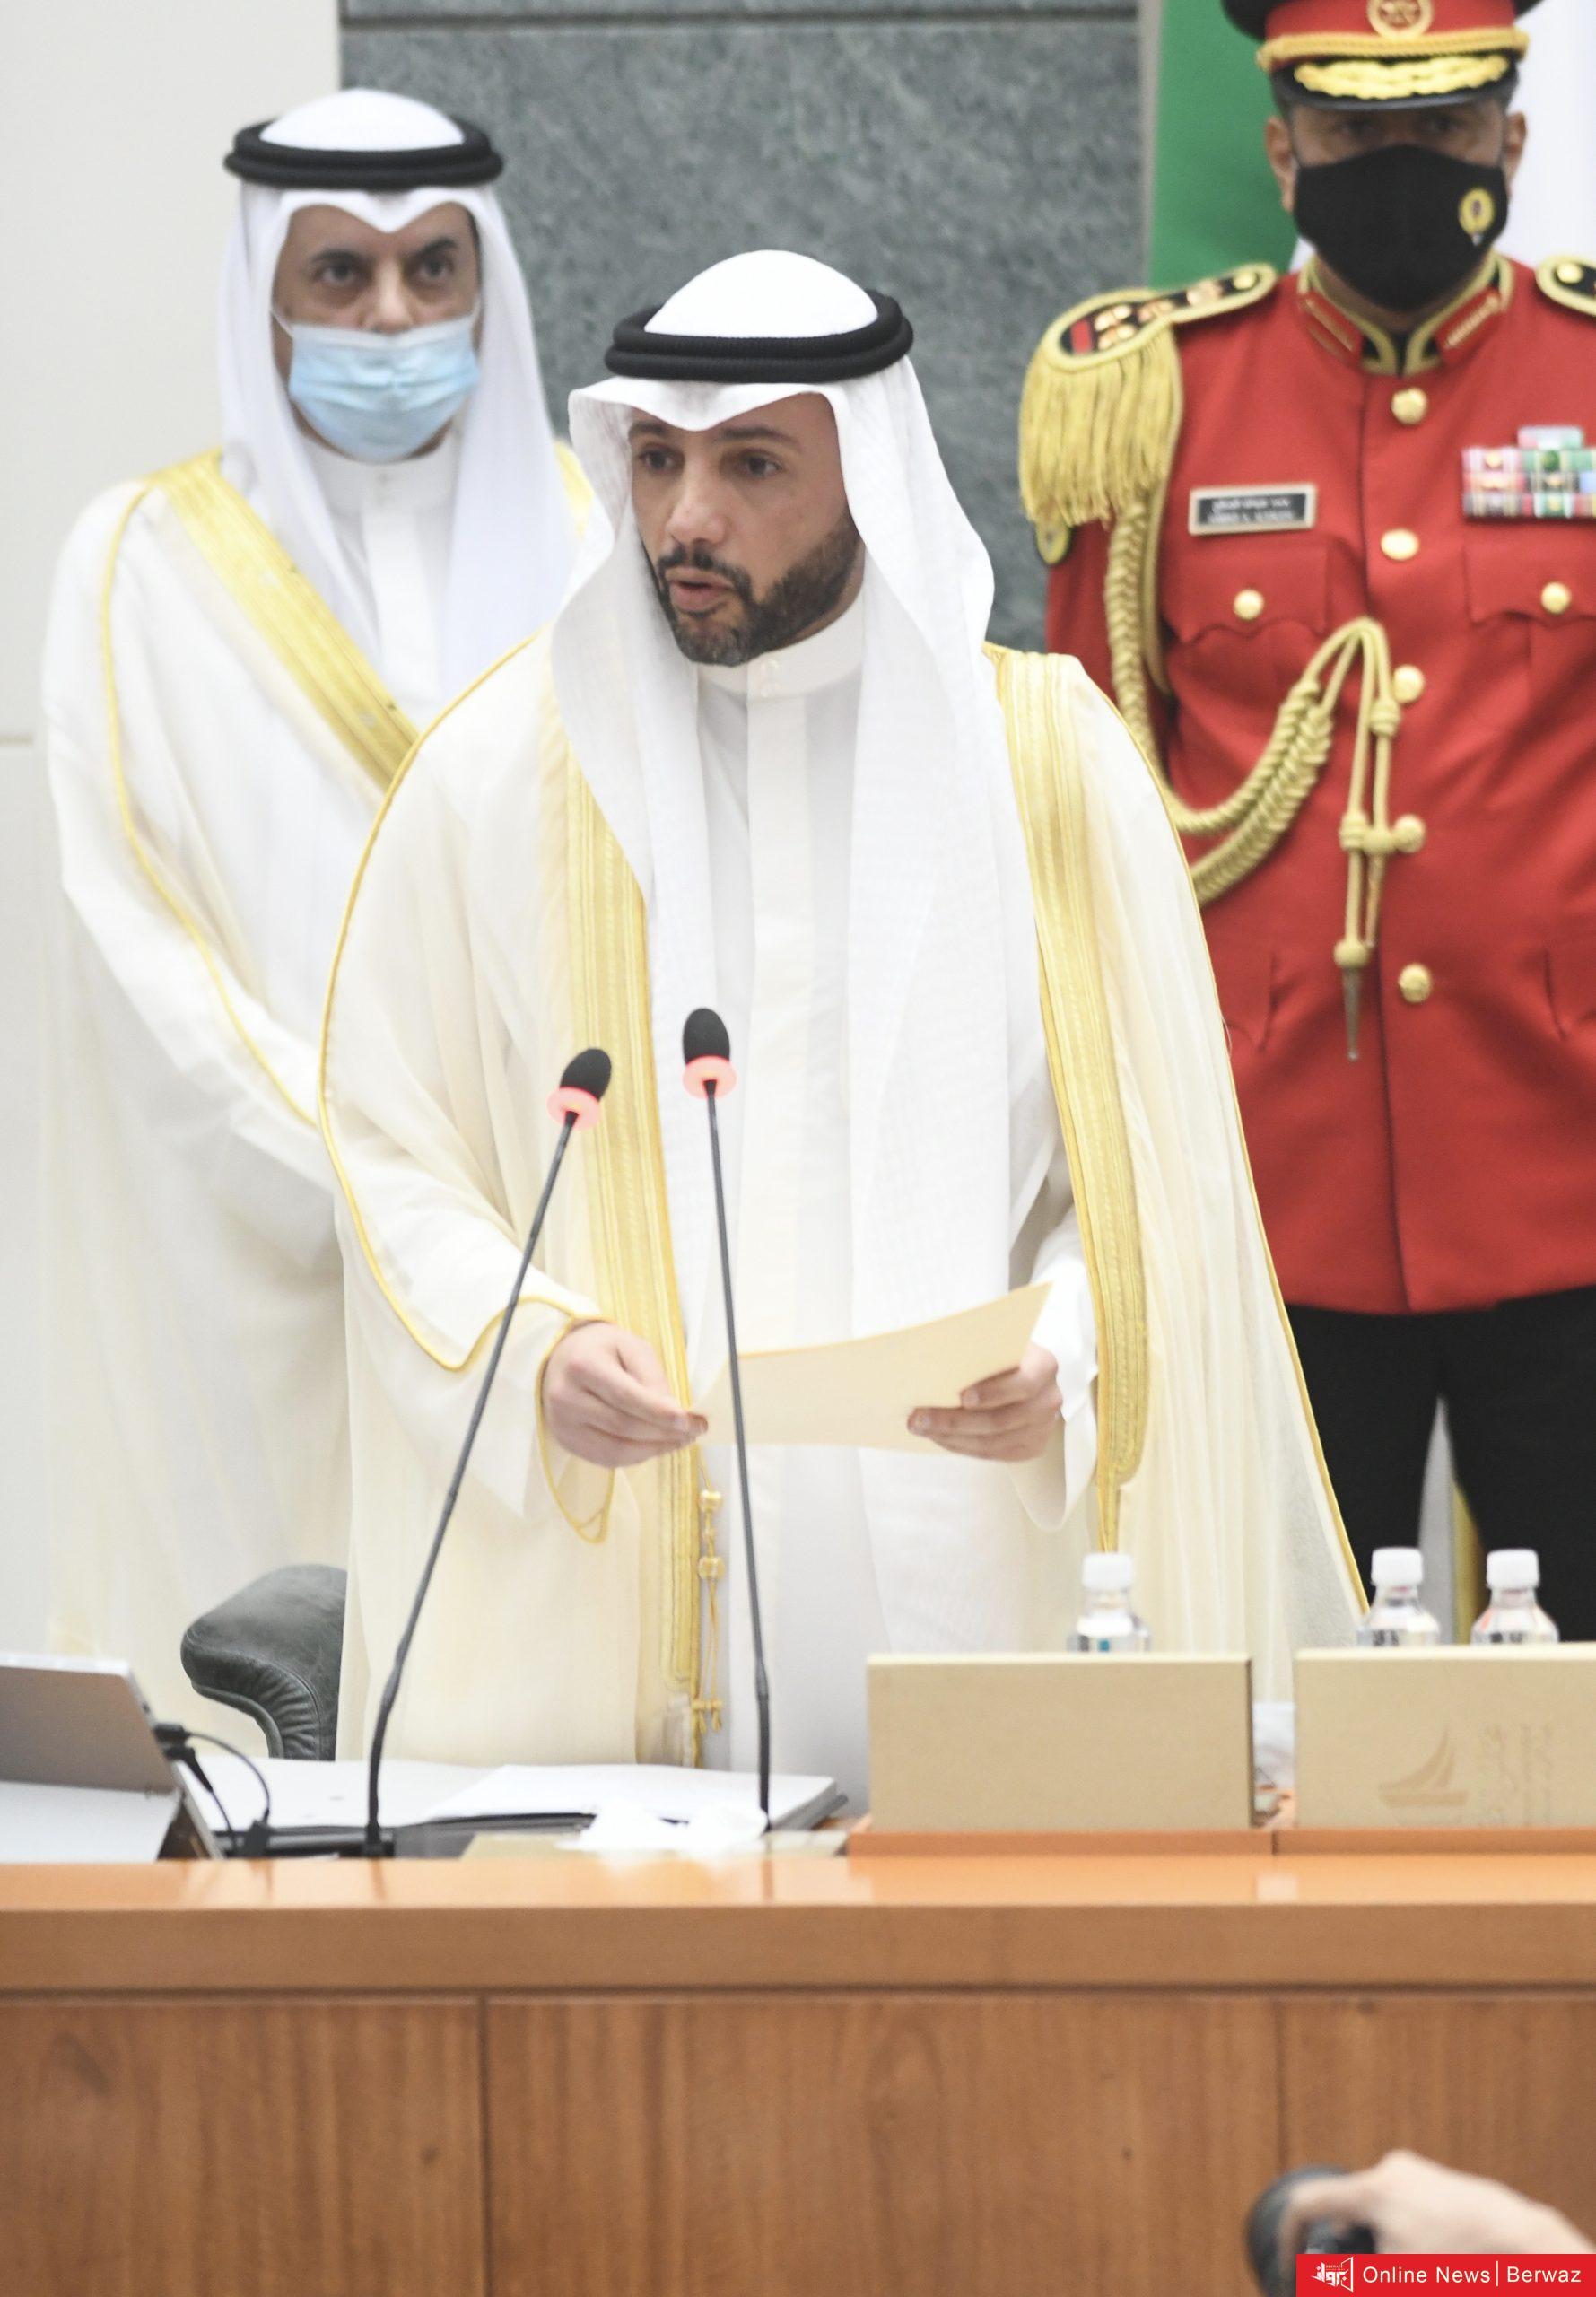 29ebfbe5 9495 4751 8133 806490949550 scaled - الغانم: الآن الكويت استكملت كافة الخطوات وجددت نموذجها التاريخي للانتقال السلس الهاديء لمقاليد الحكم